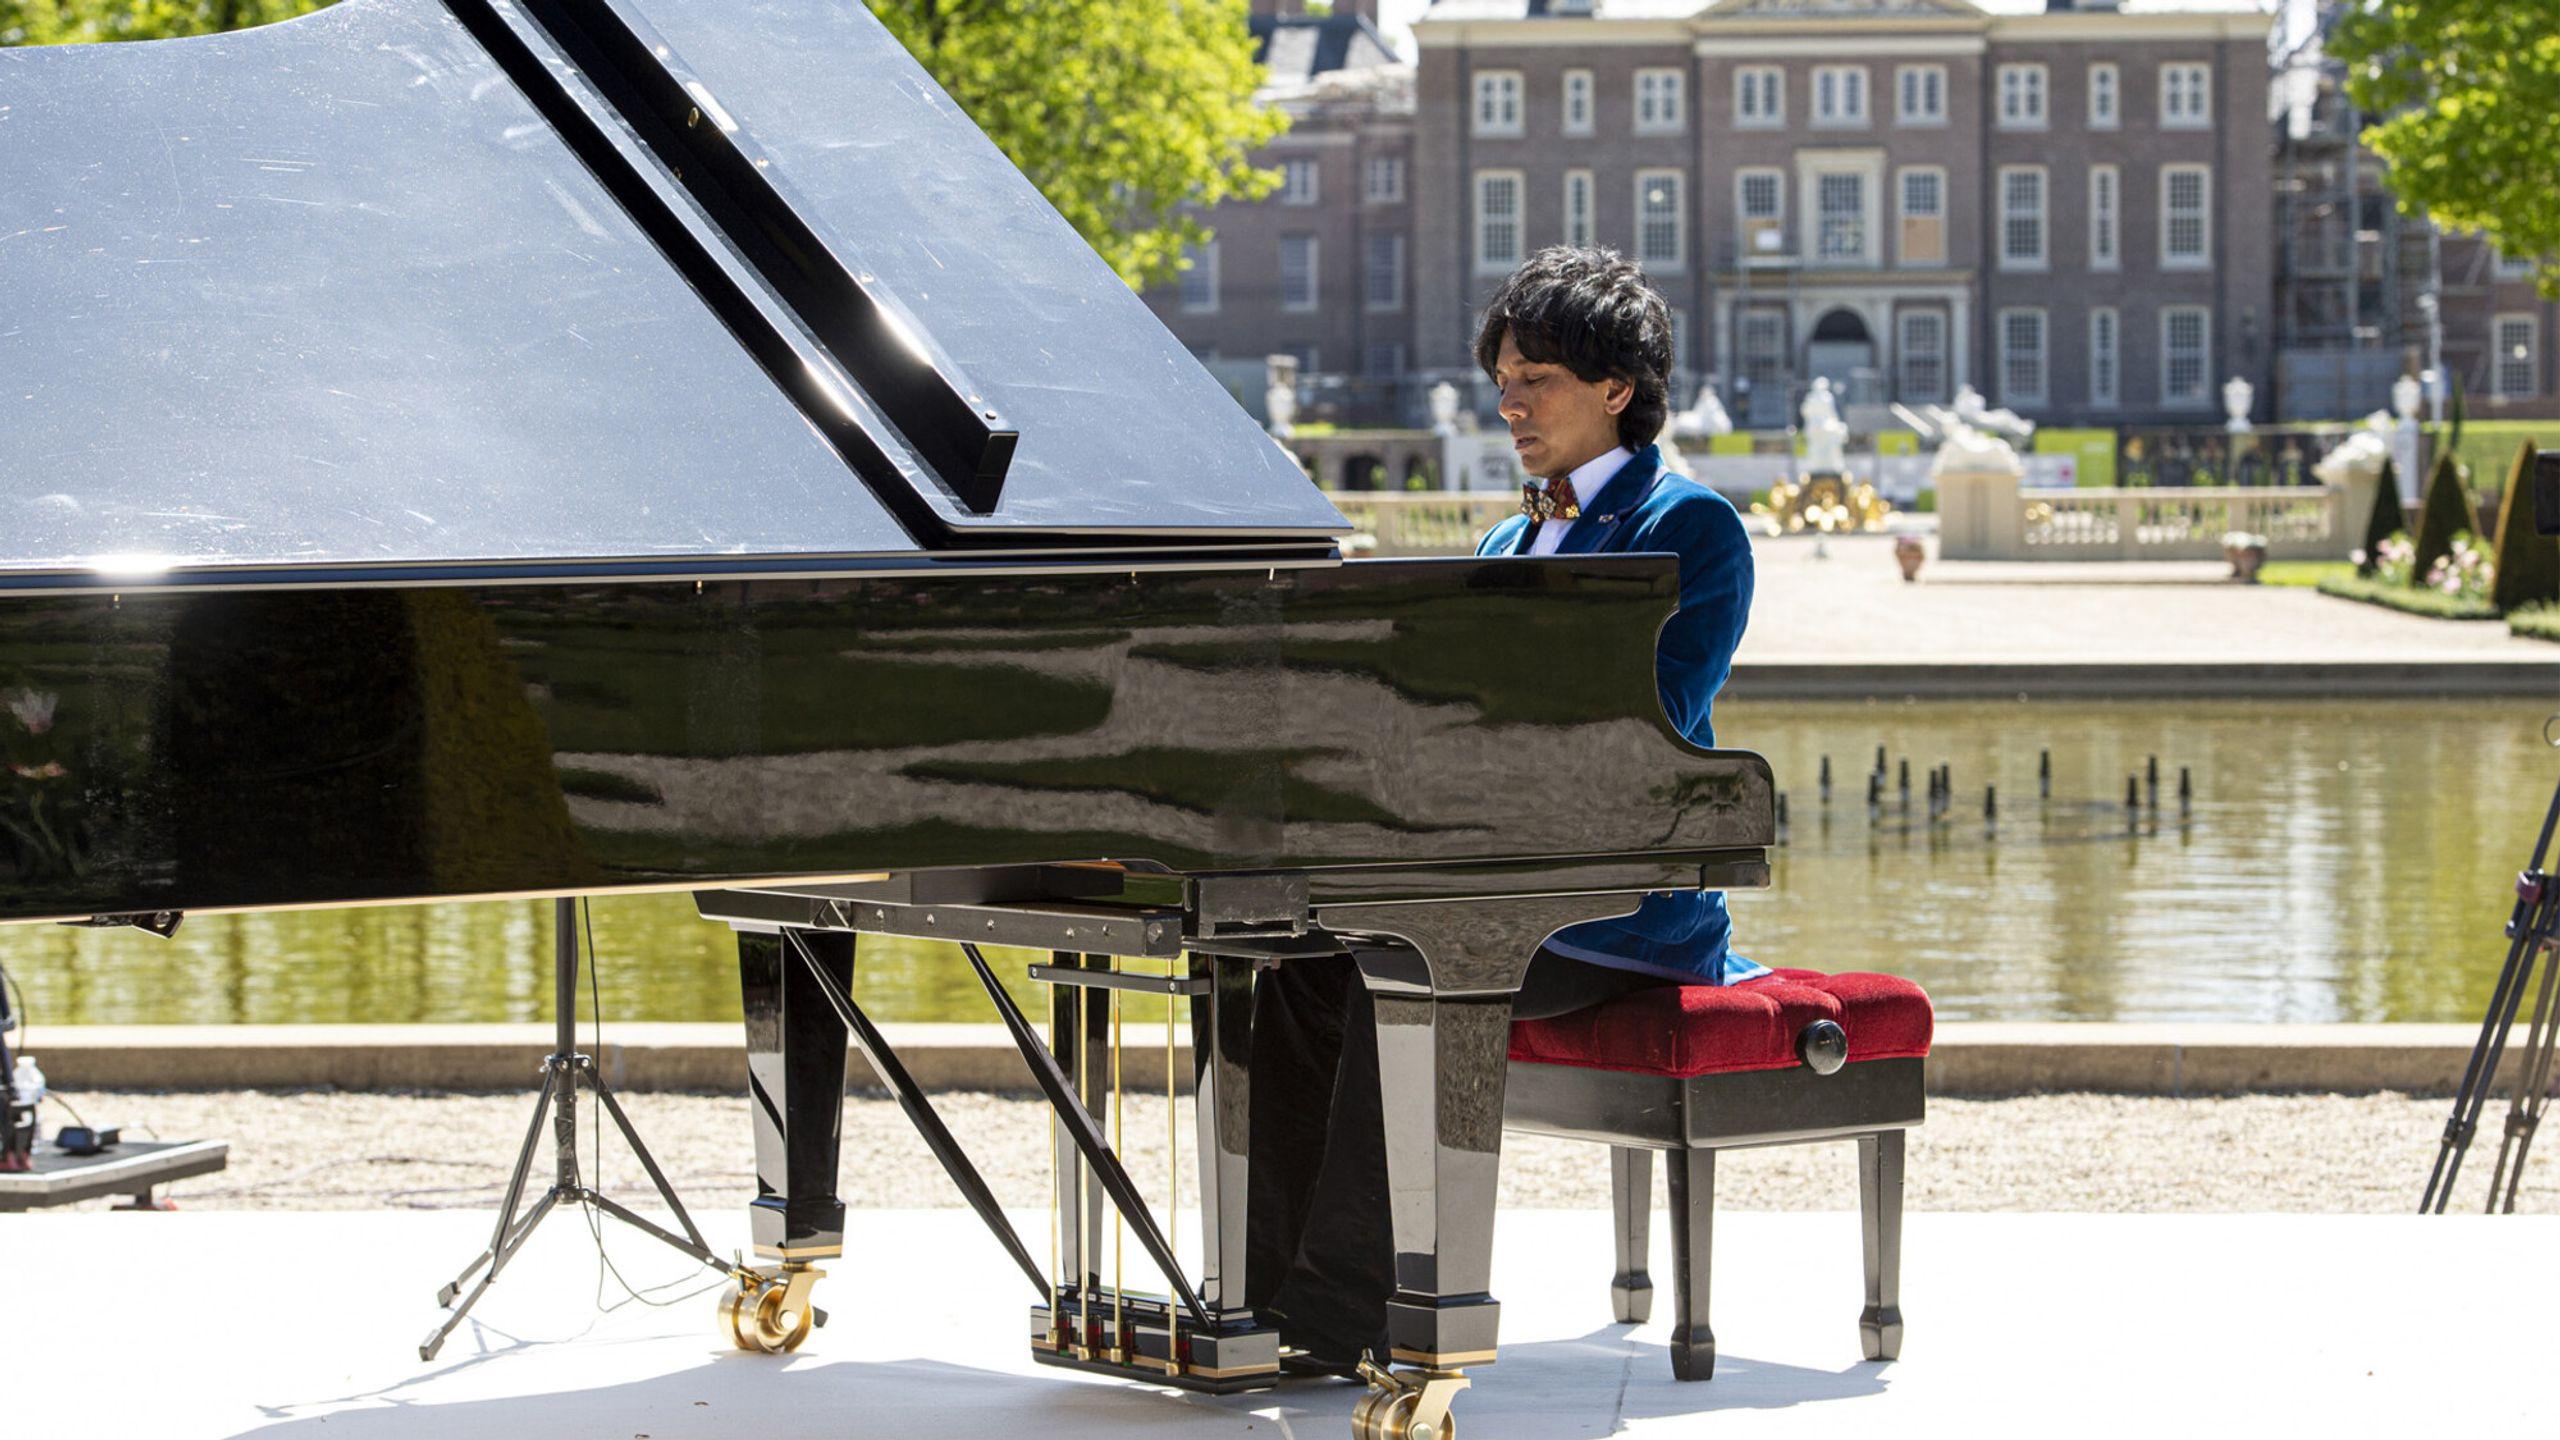 Paleistuinen Concert Wibi Soerjadi